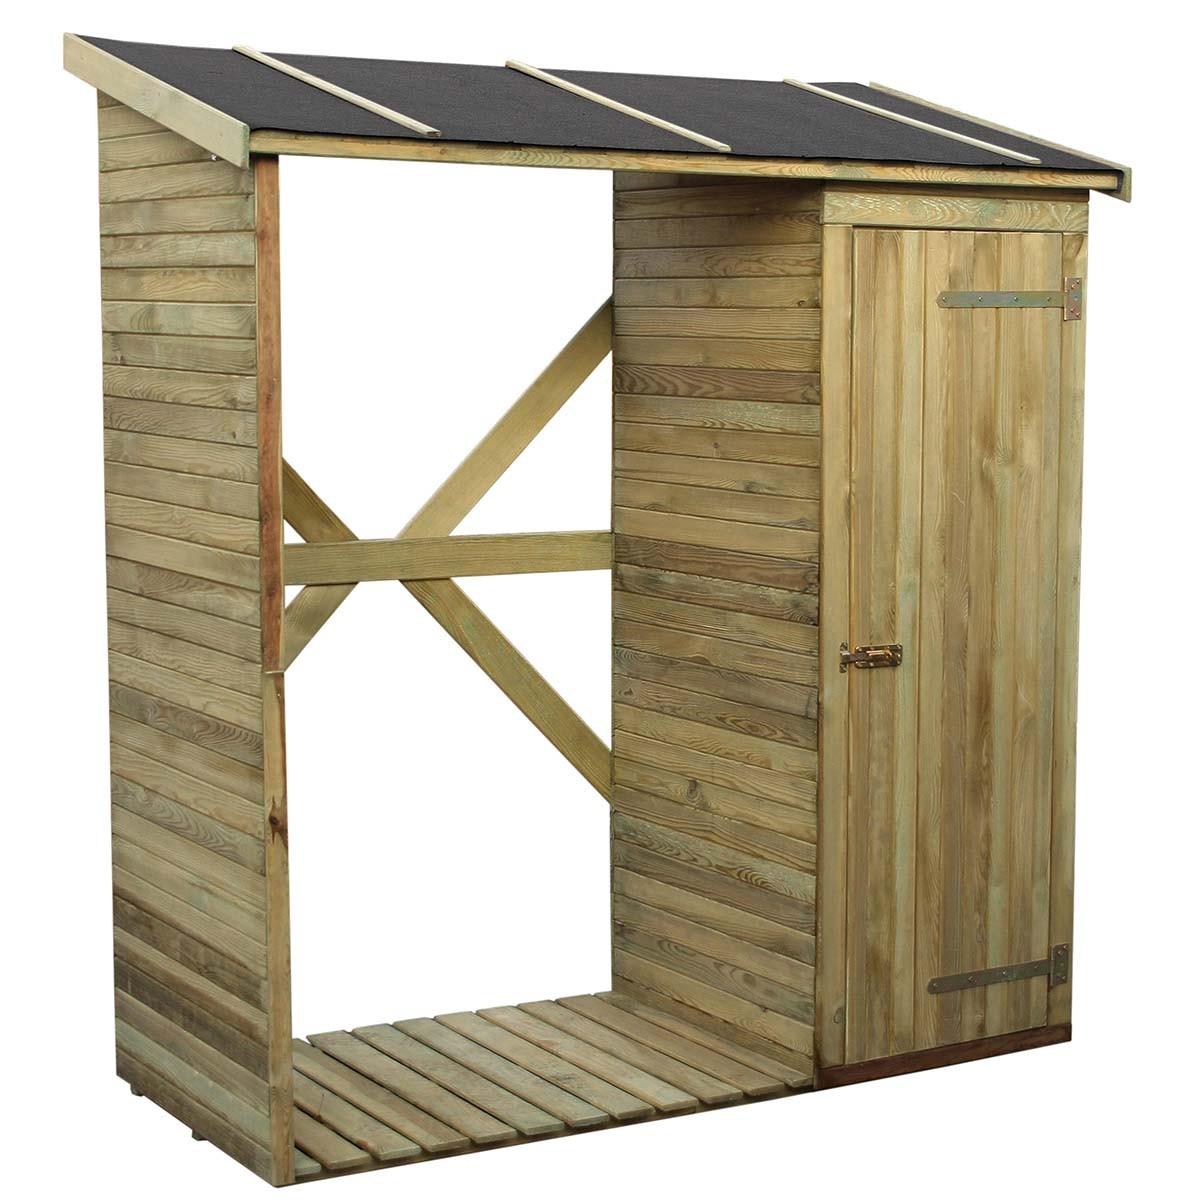 Mobili ripostiglio in legno - Mobili per ripostiglio ...